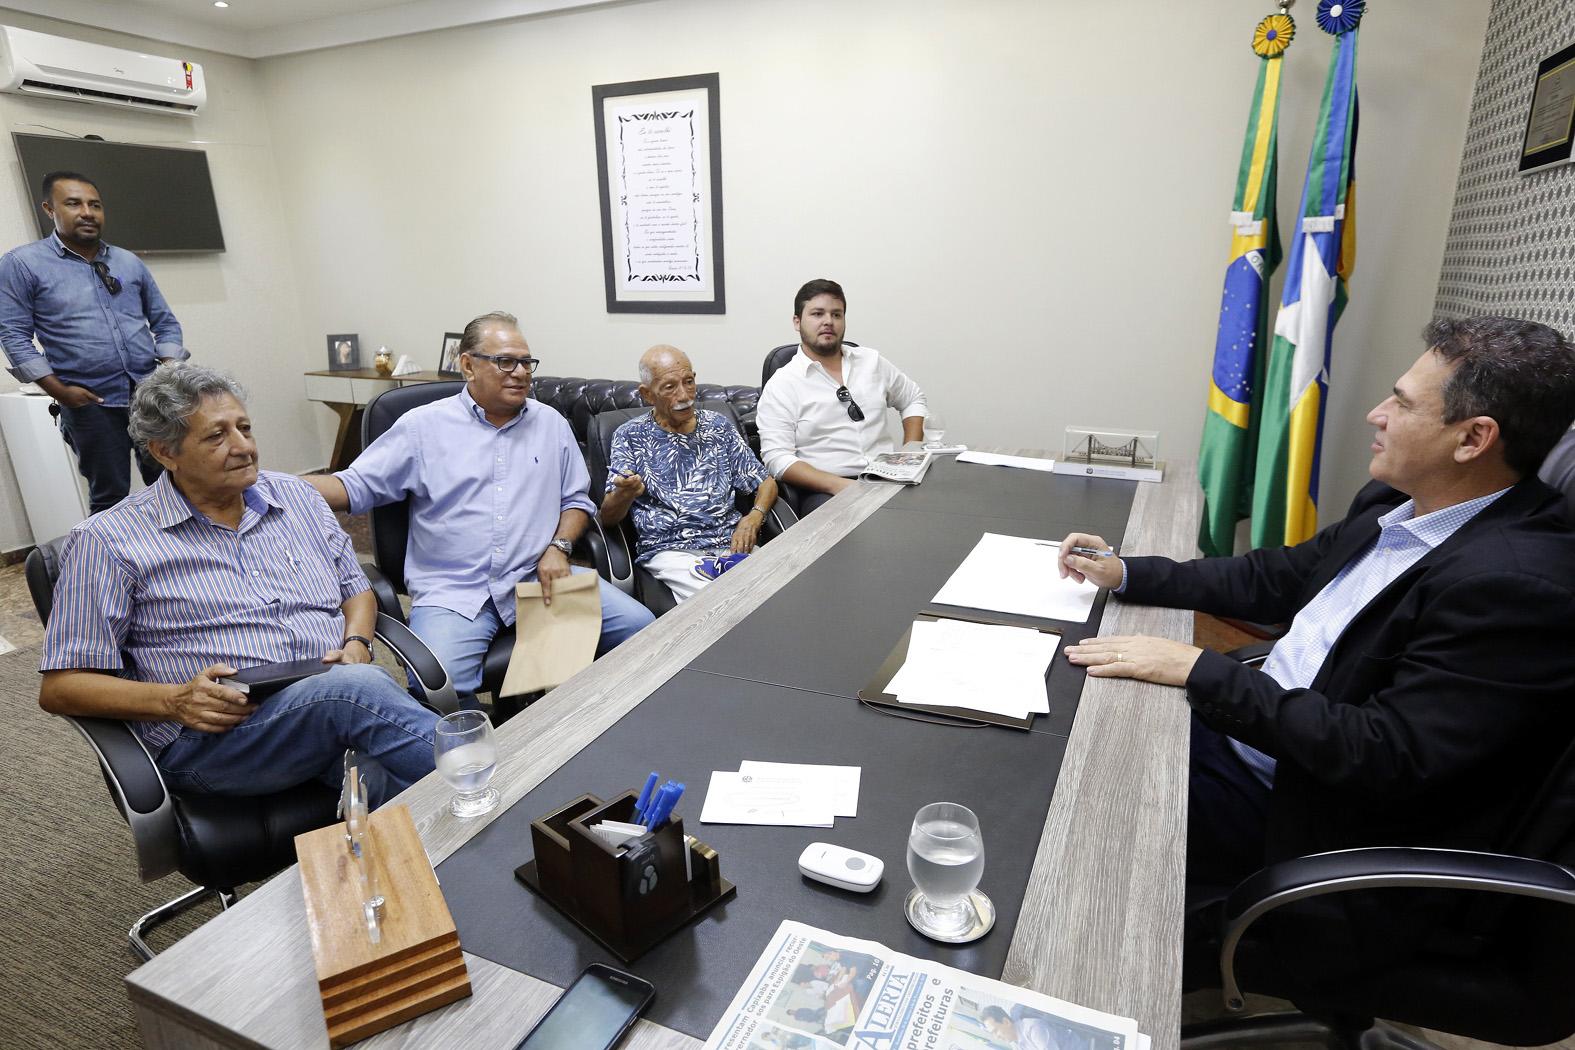 maurao-de-carvalho-recebe-diretores-do-jornal-alto-madeira-que-completa-100-anos-em-abril.jpg